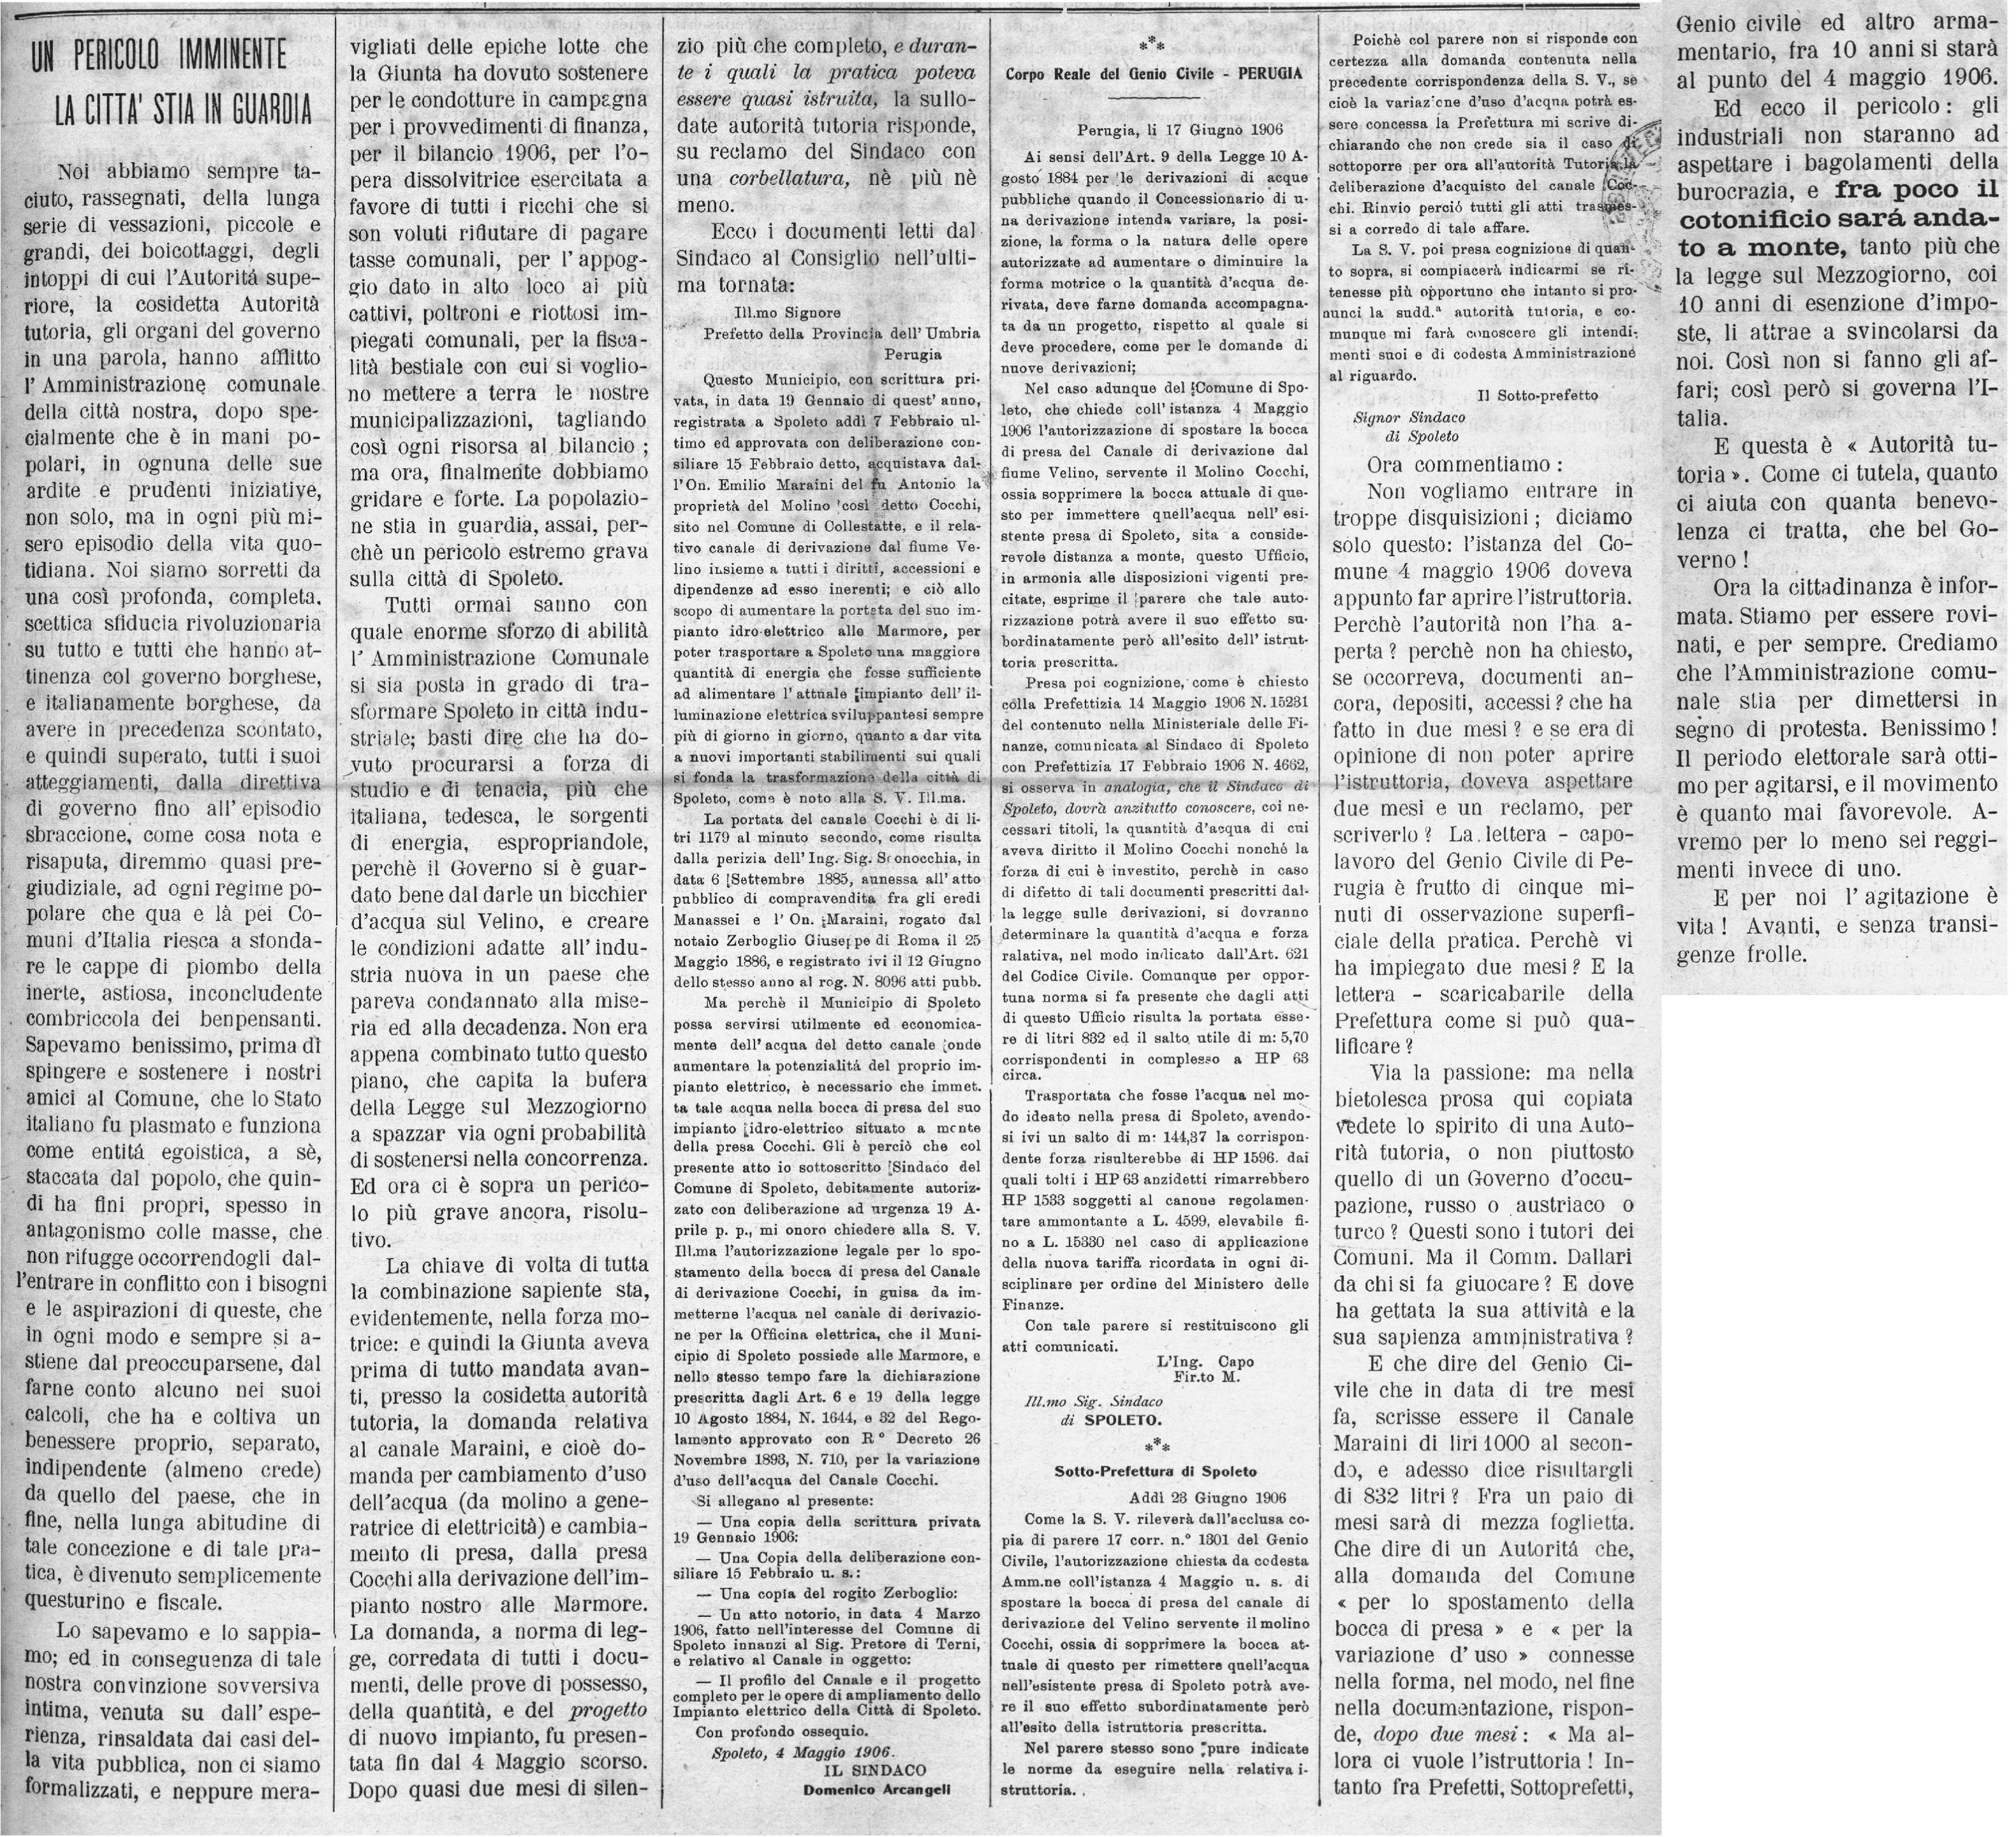 La Giovane Umbria | 1 luglio 1906